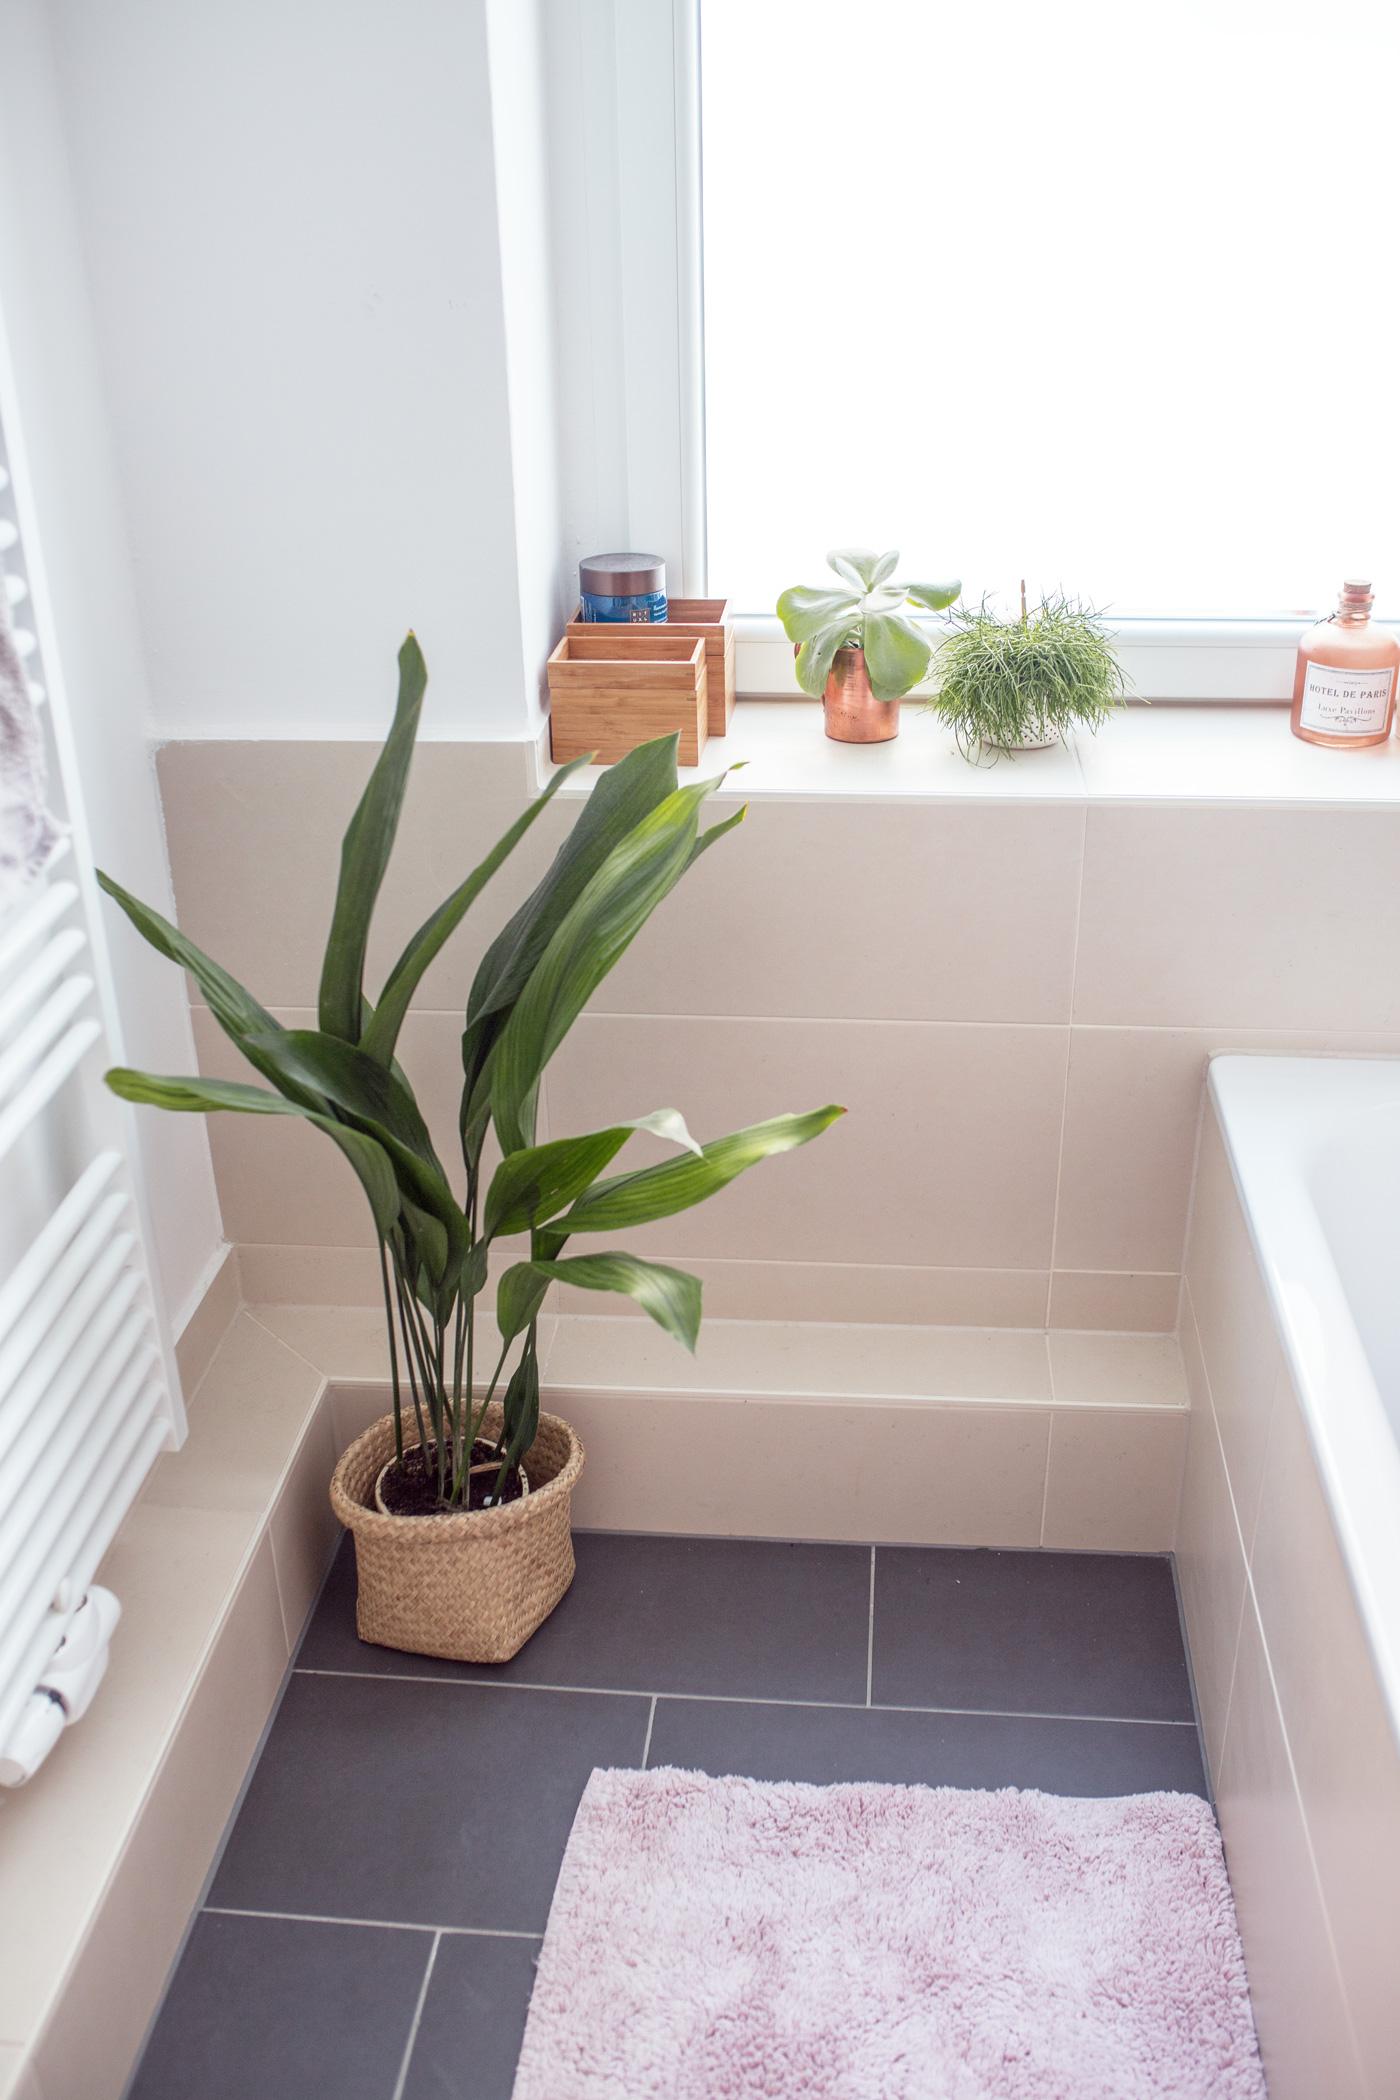 das neue badezimmer: einrichten und dekorieren